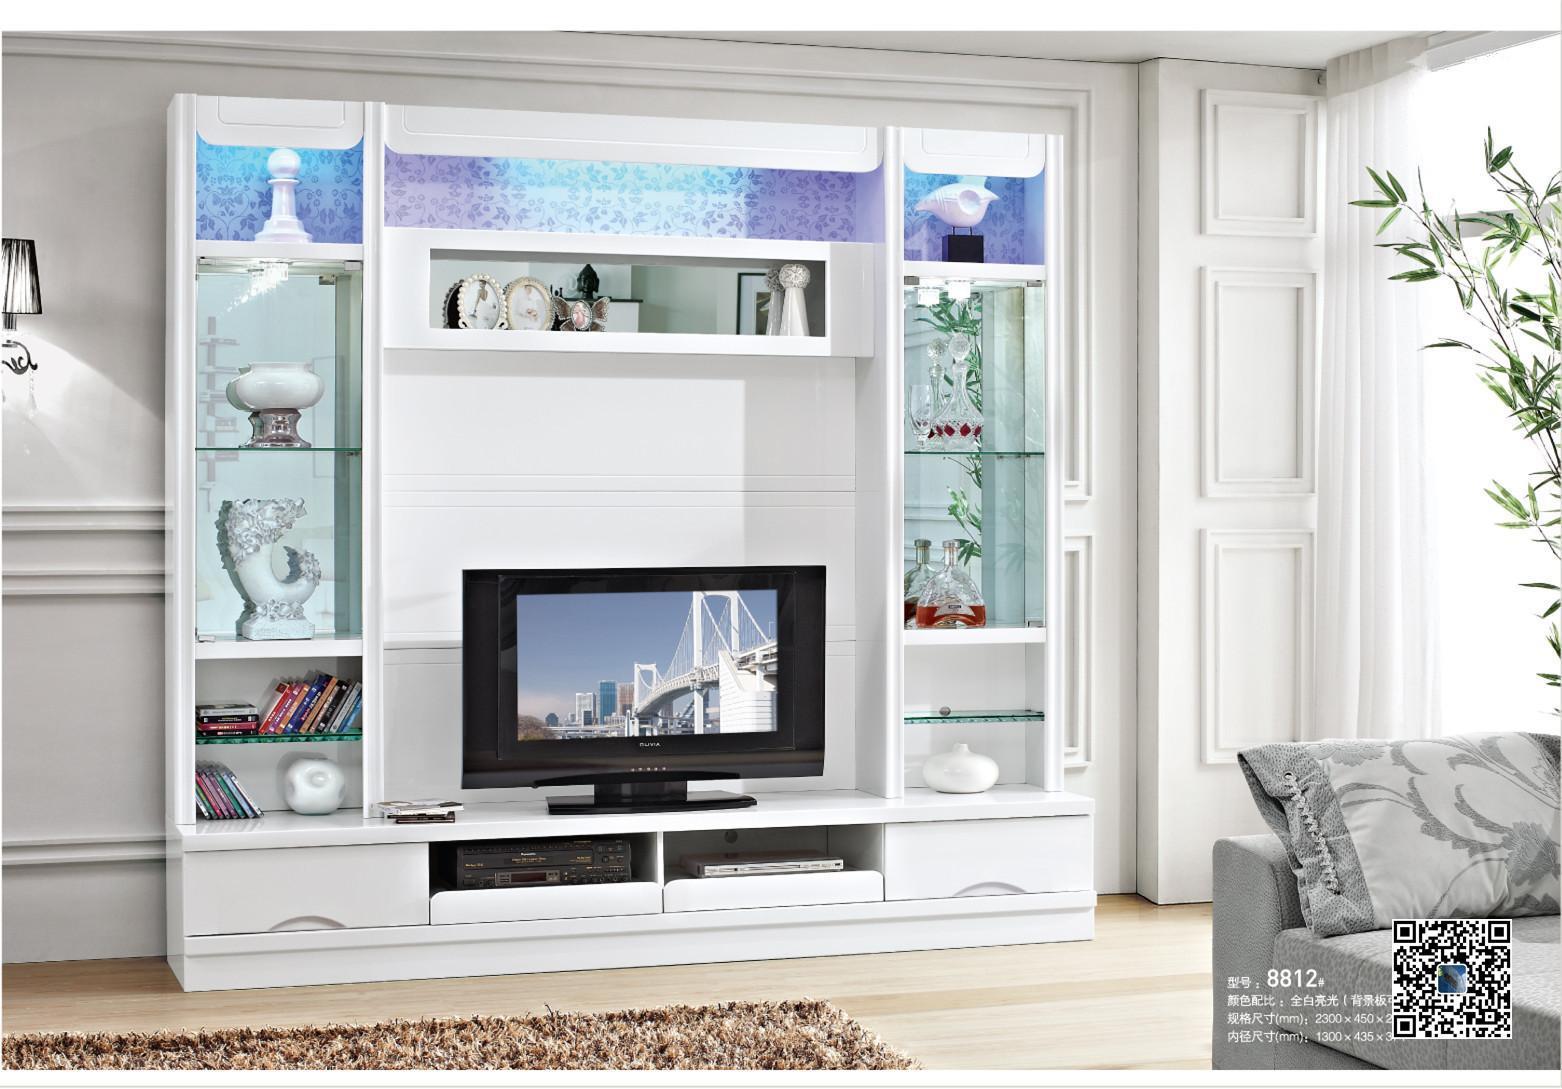 Madera muebles para la sala de tv gabinete p11 madera for Modelos de muebles para sala